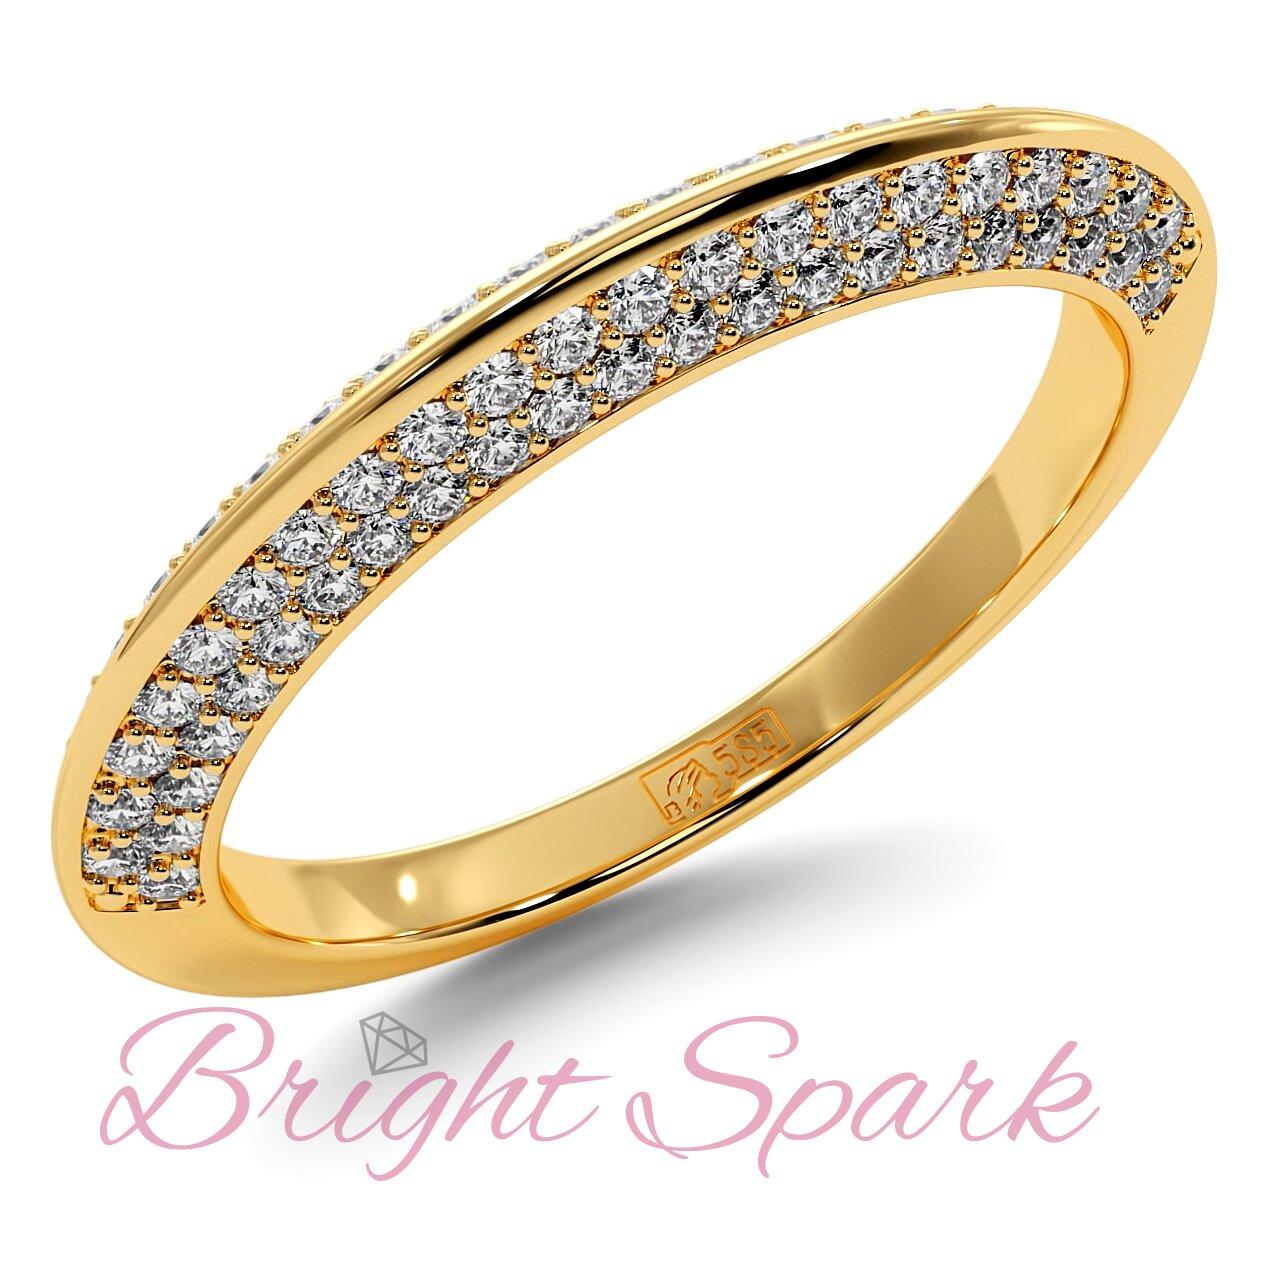 Обручальное кольцо  желтого золота усыпанное камнями Melanie 0,5 карата